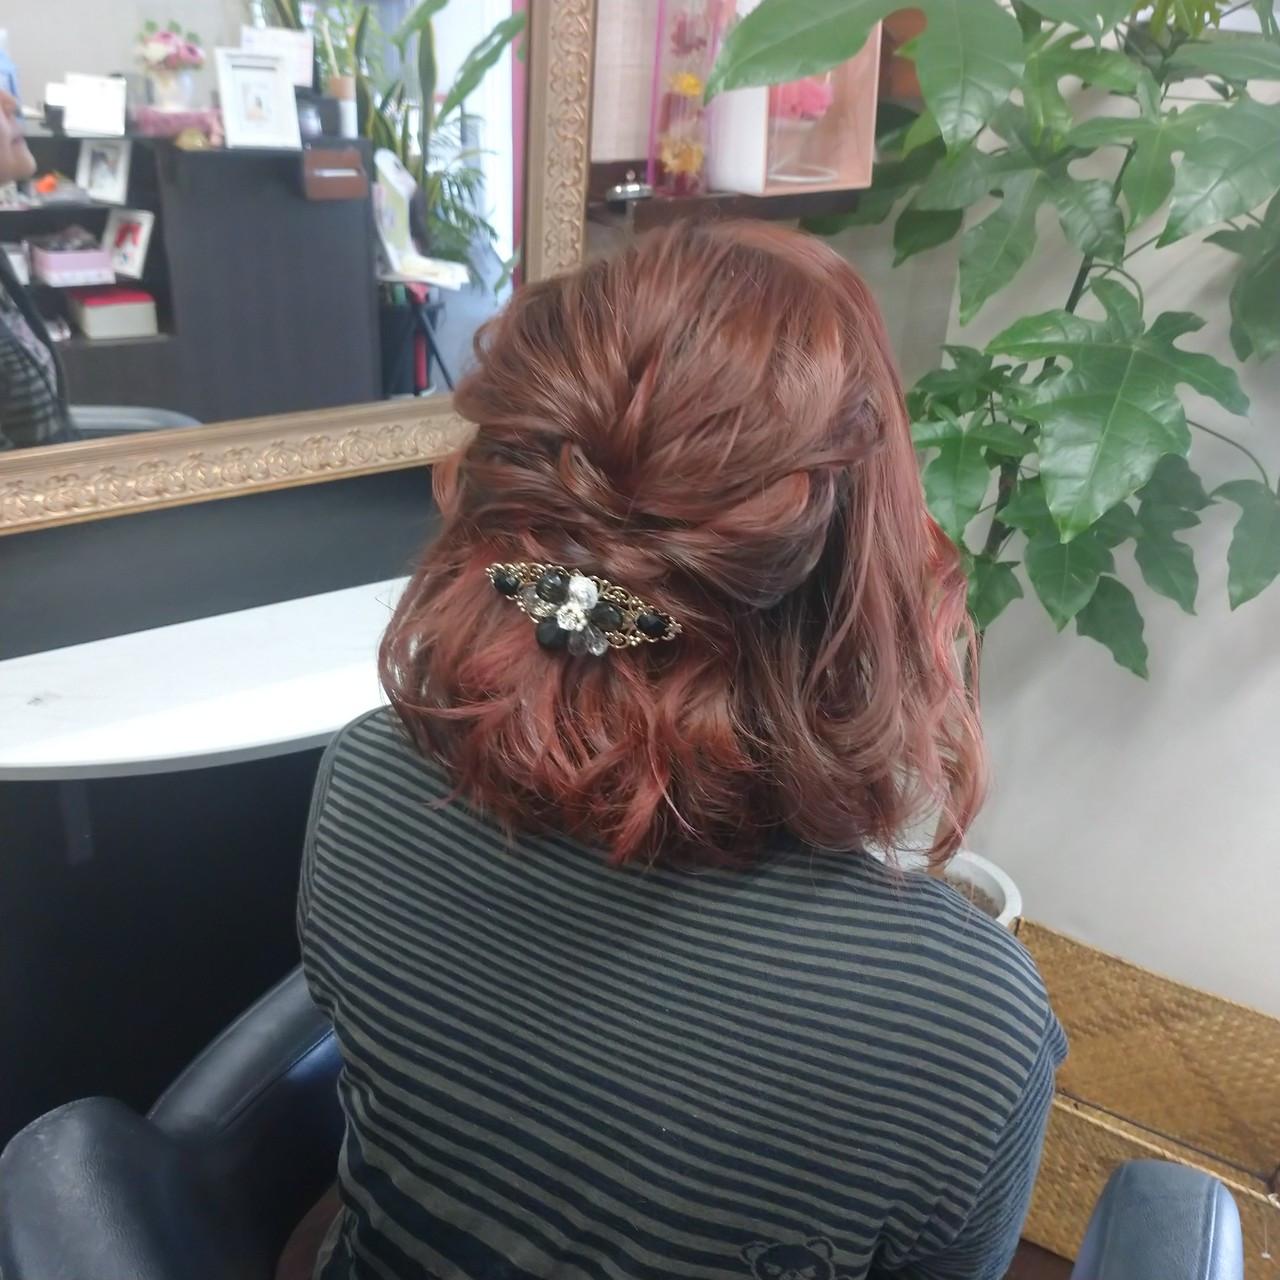 ナチュラル ヘアアレンジ ボブ 簡単ヘアアレンジ ヘアスタイルや髪型の写真・画像